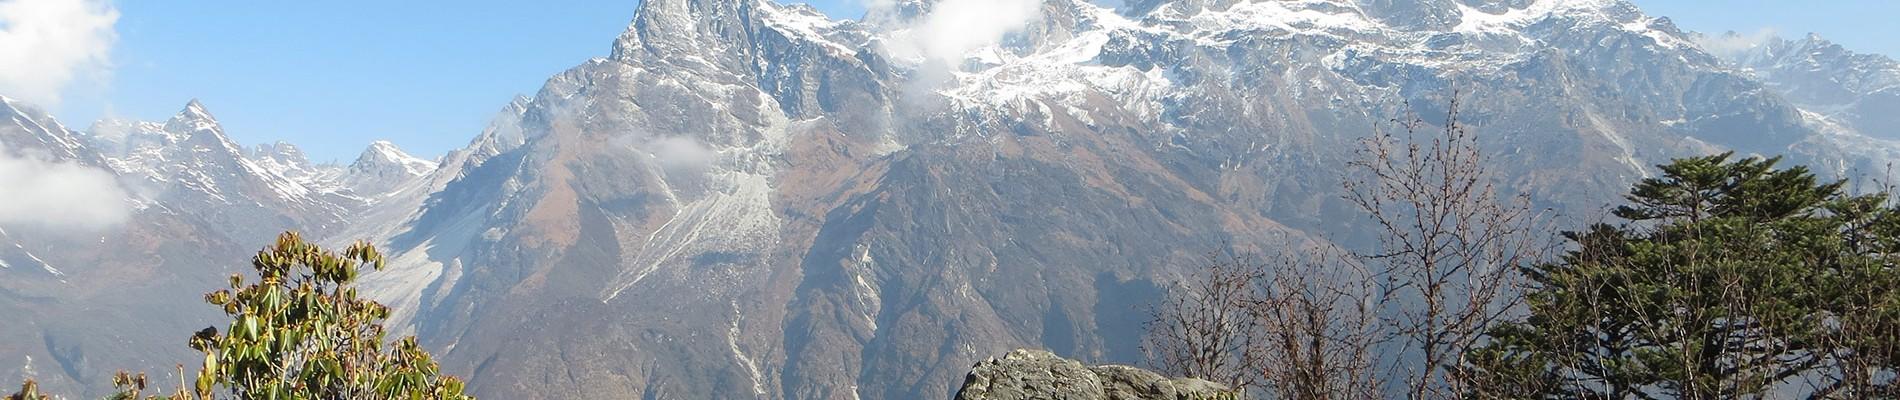 Nepal: Kanchanjunga expedition